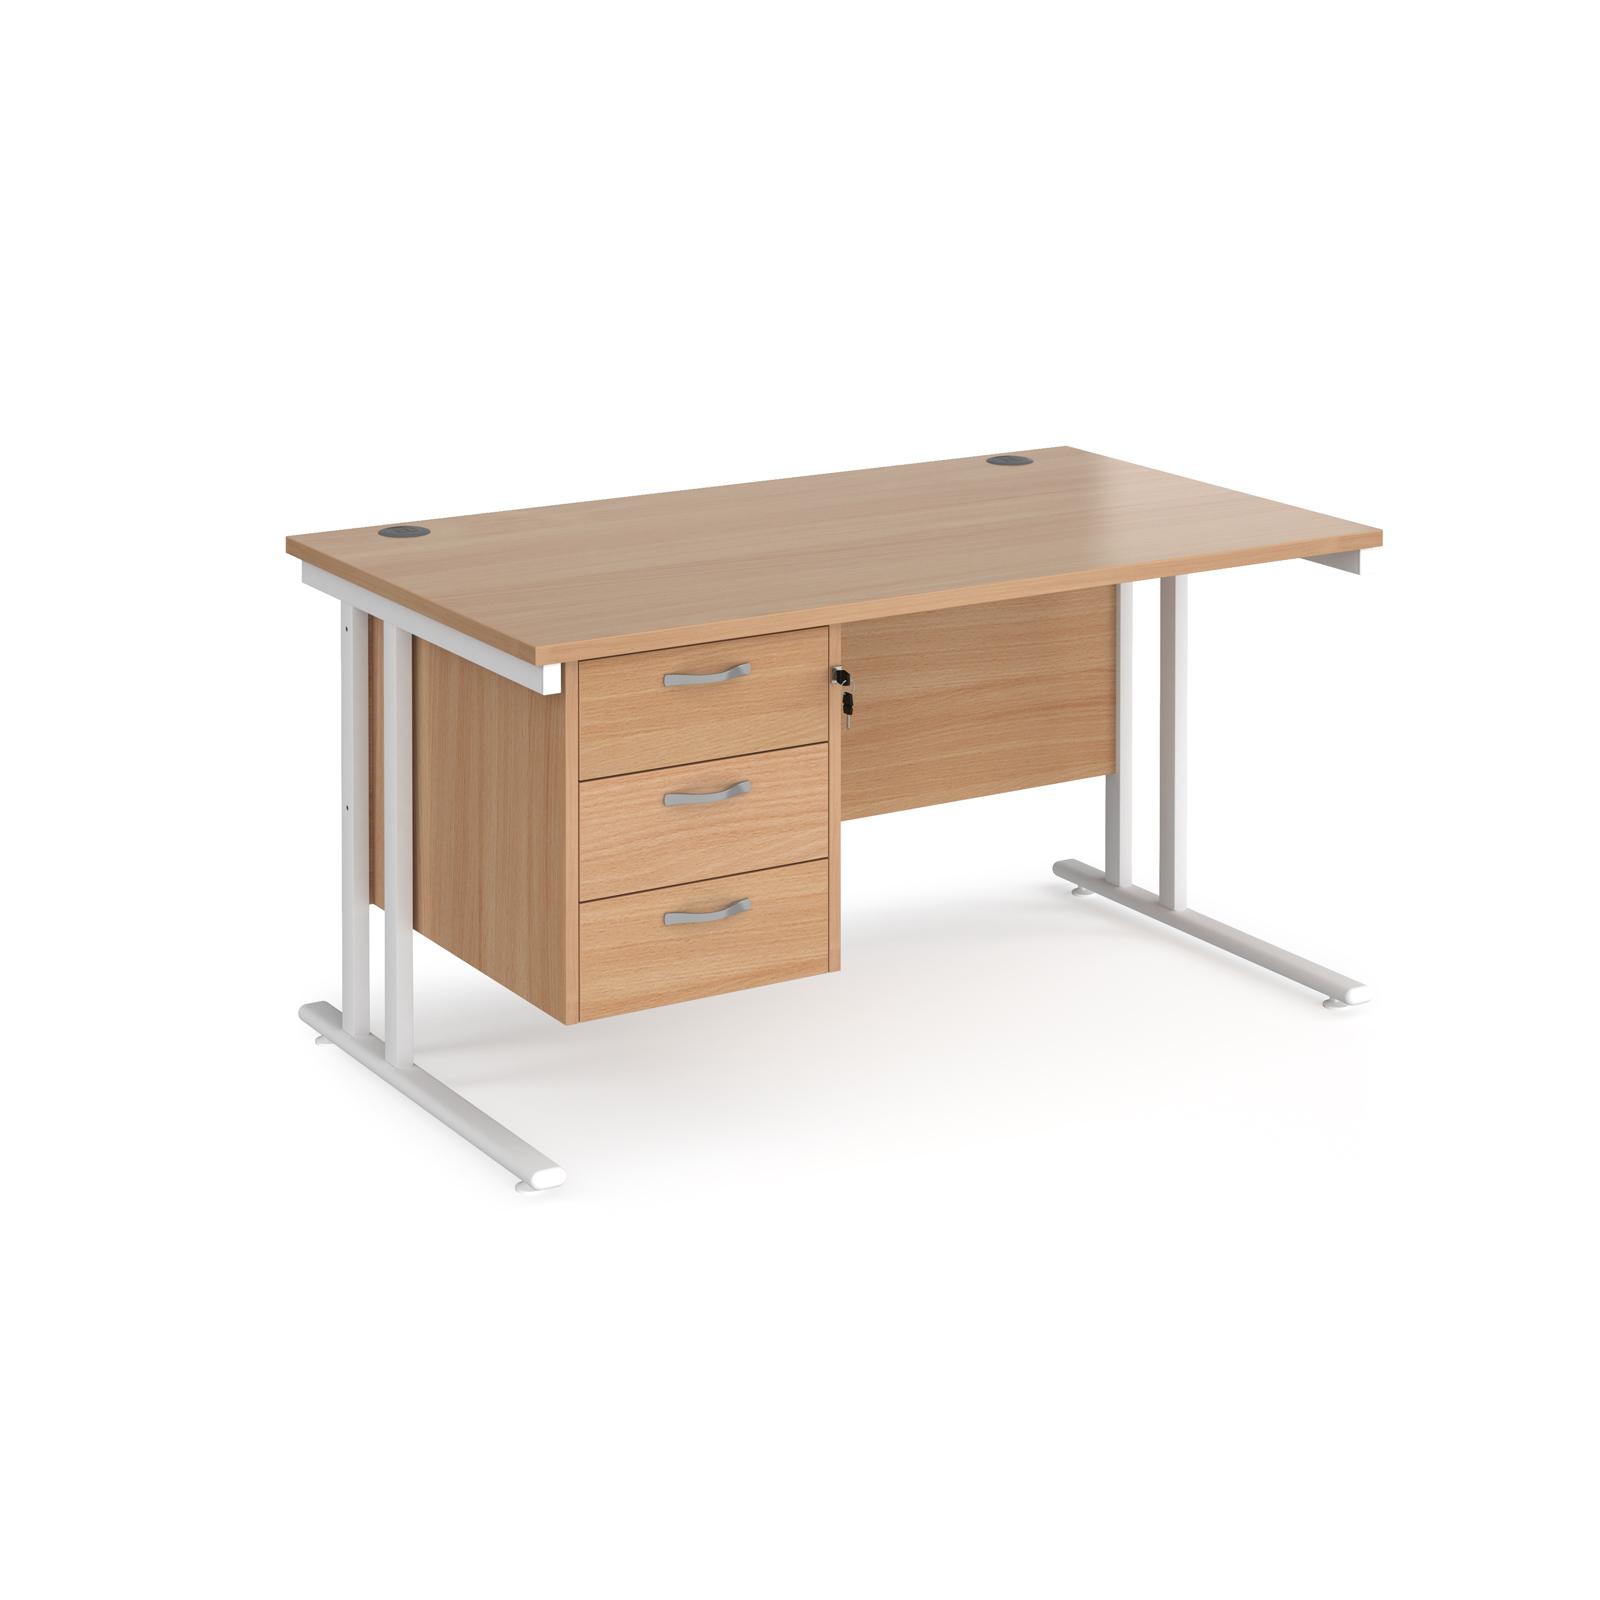 Rectangular Desks Maestro 25 straight desk 1400mm x 800mm with 3 drawer pedestal - white cantilever leg frame, beech top